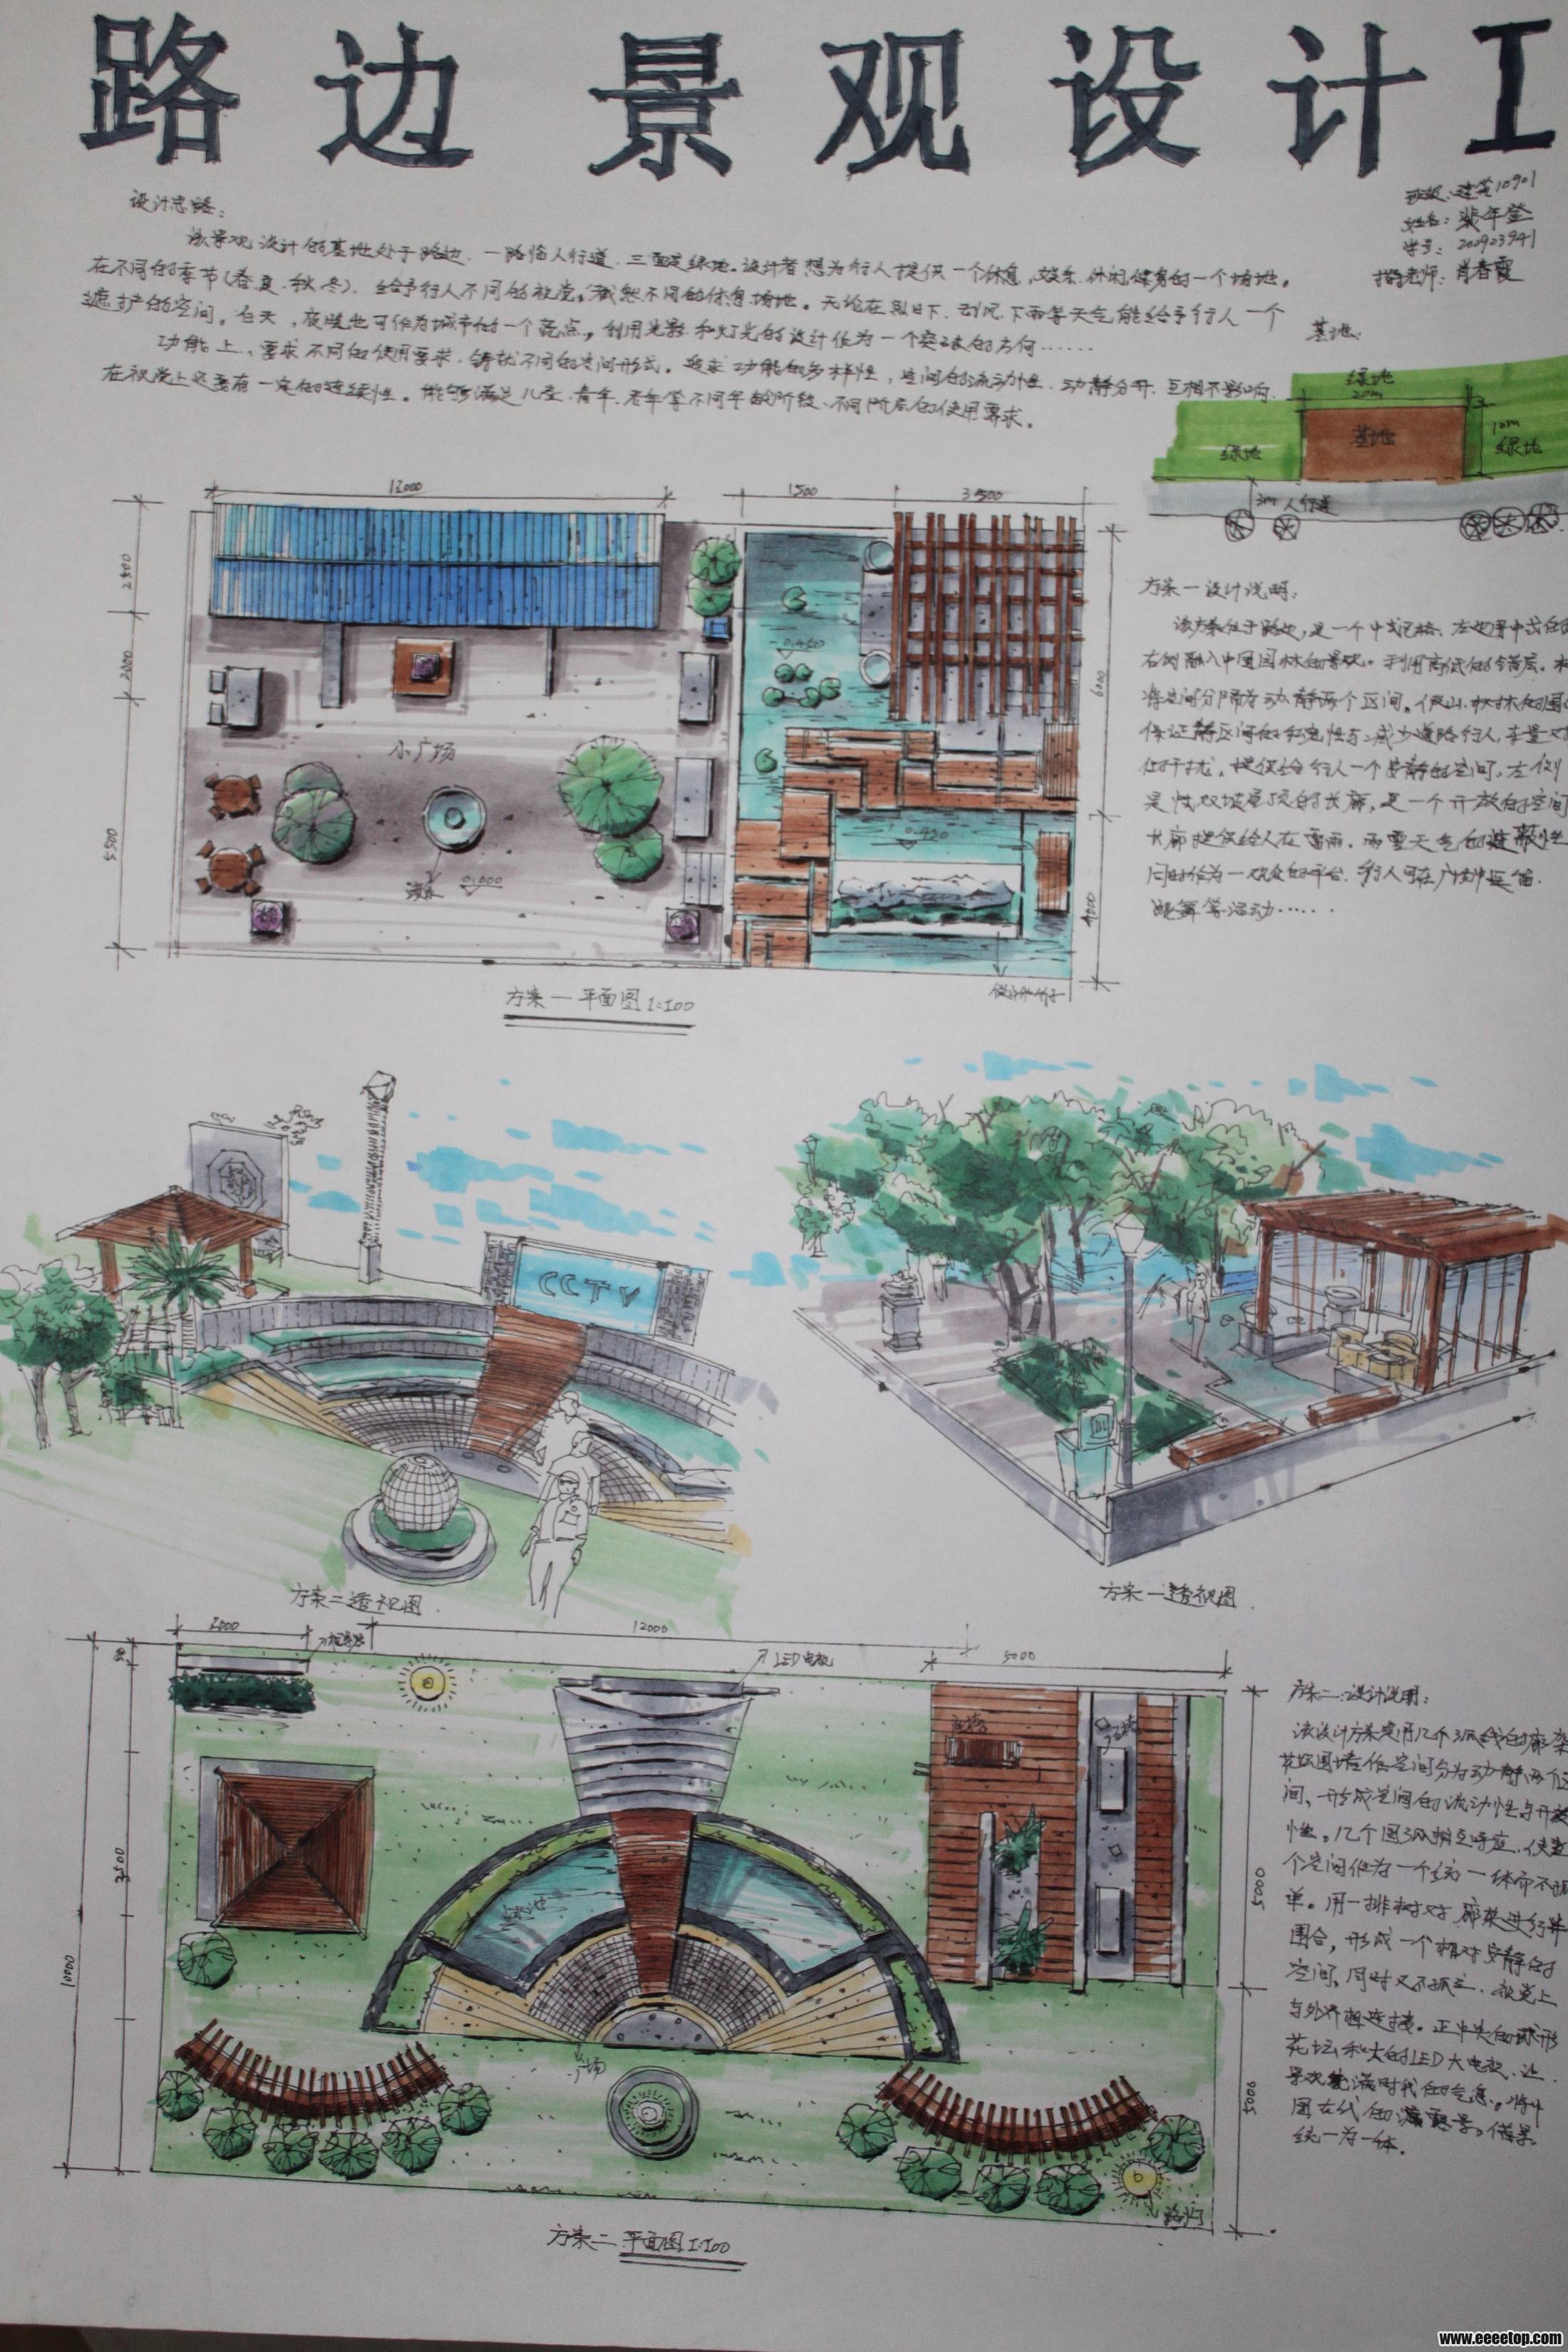 路边景观设计设计和小品设计